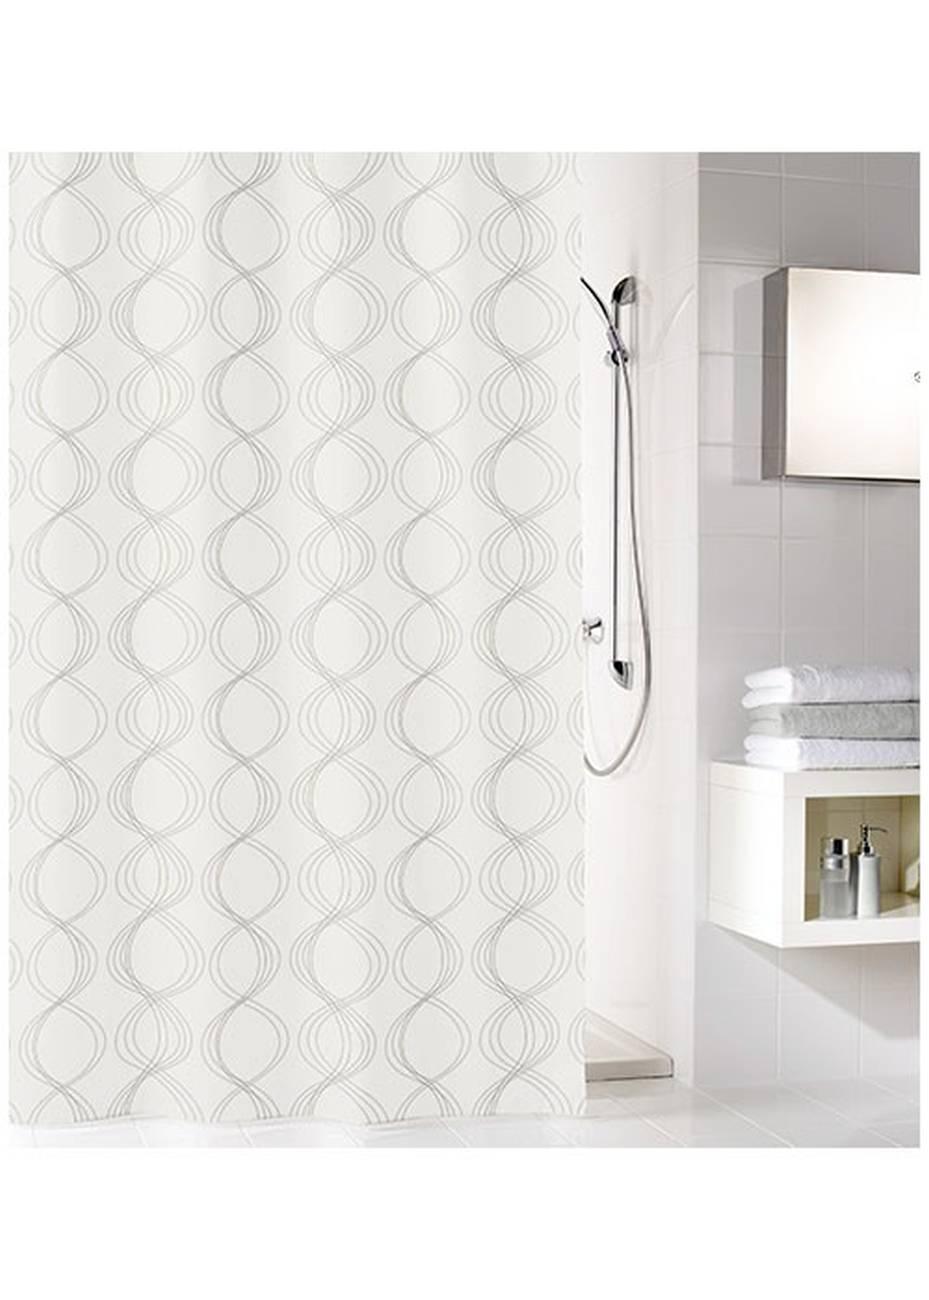 Duschvorhang Classy 100 % Polyester Weiss 180x200 cm